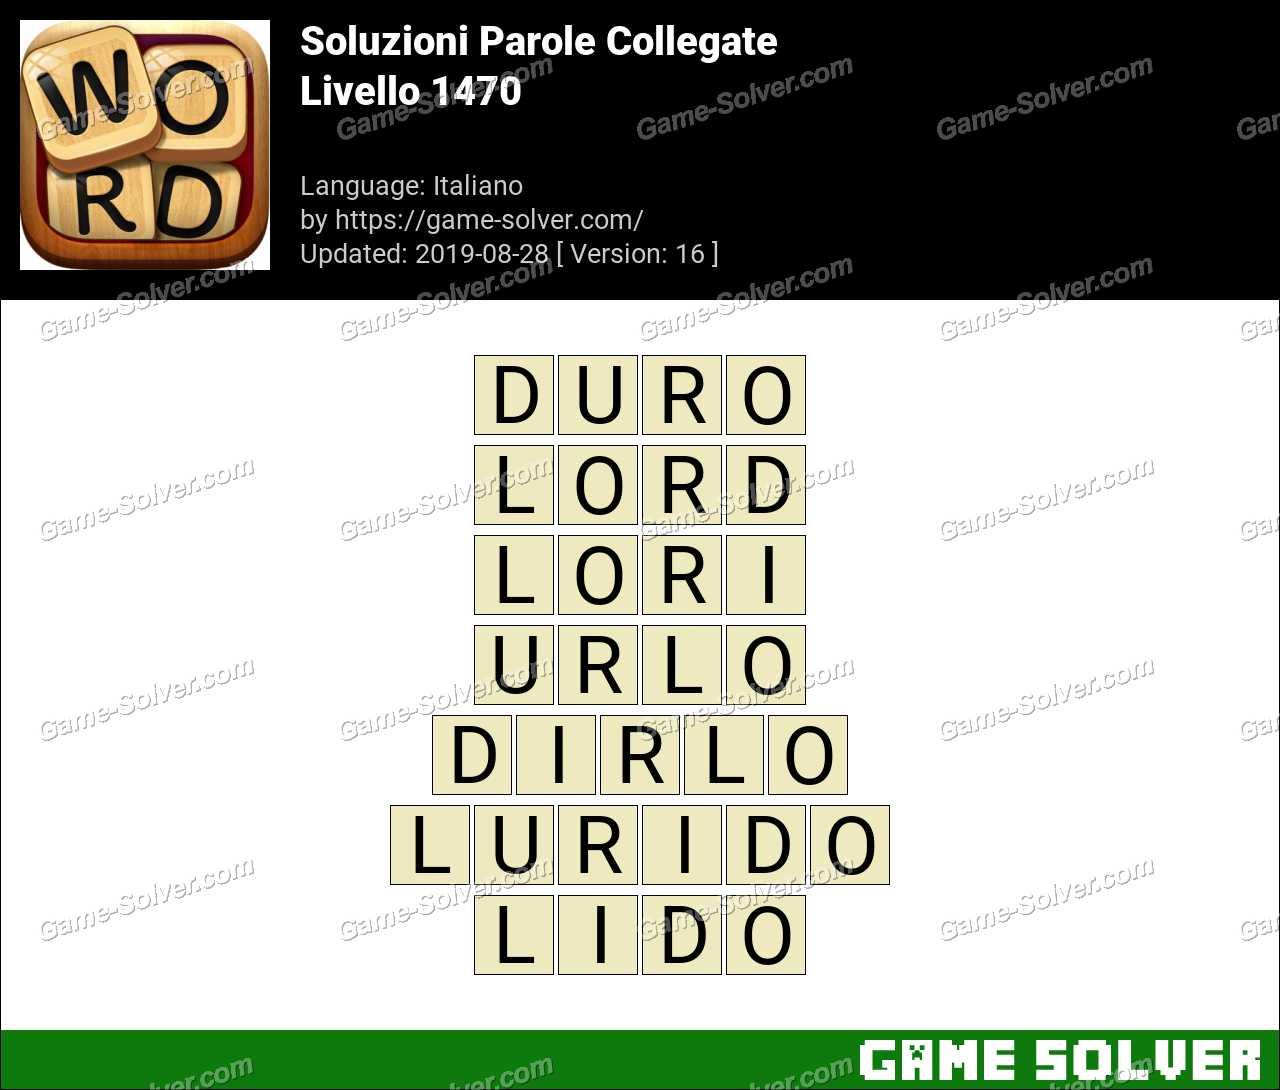 Soluzioni Parole Collegate Livello 1470